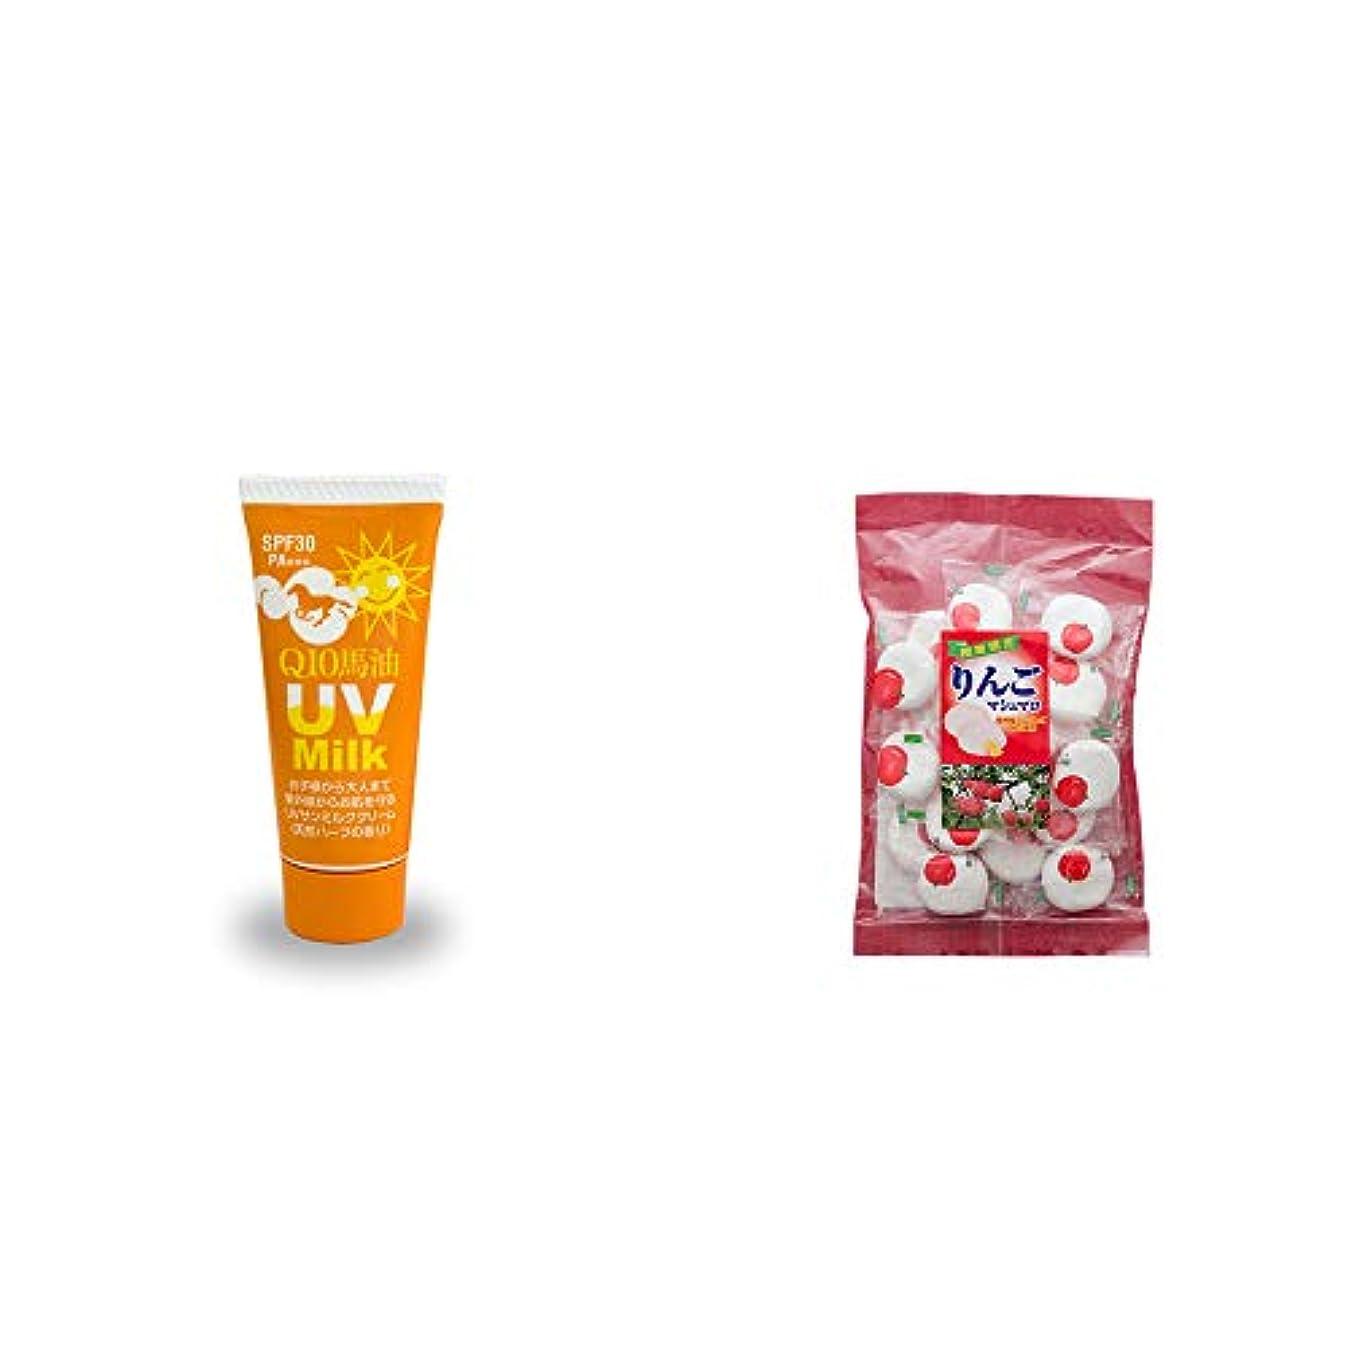 迷信遺棄されたパンダ[2点セット] 炭黒泉 Q10馬油 UVサンミルク[天然ハーブ](40g)?信州りんご100%使用 りんごマシュマロ(110g)